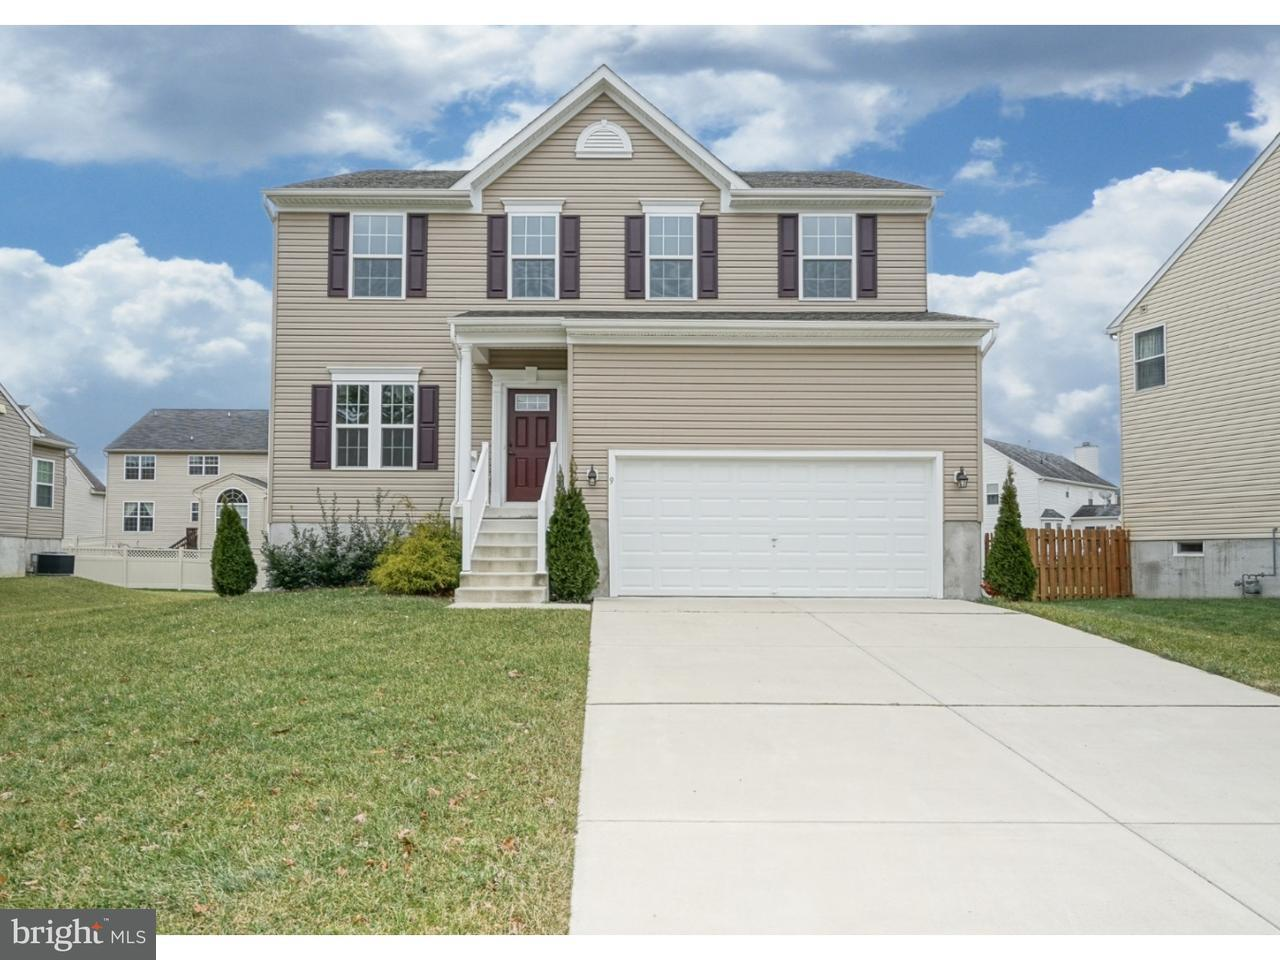 Частный односемейный дом для того Аренда на 9 SERENE Lane Sicklerville, Нью-Джерси 08081 Соединенные Штаты